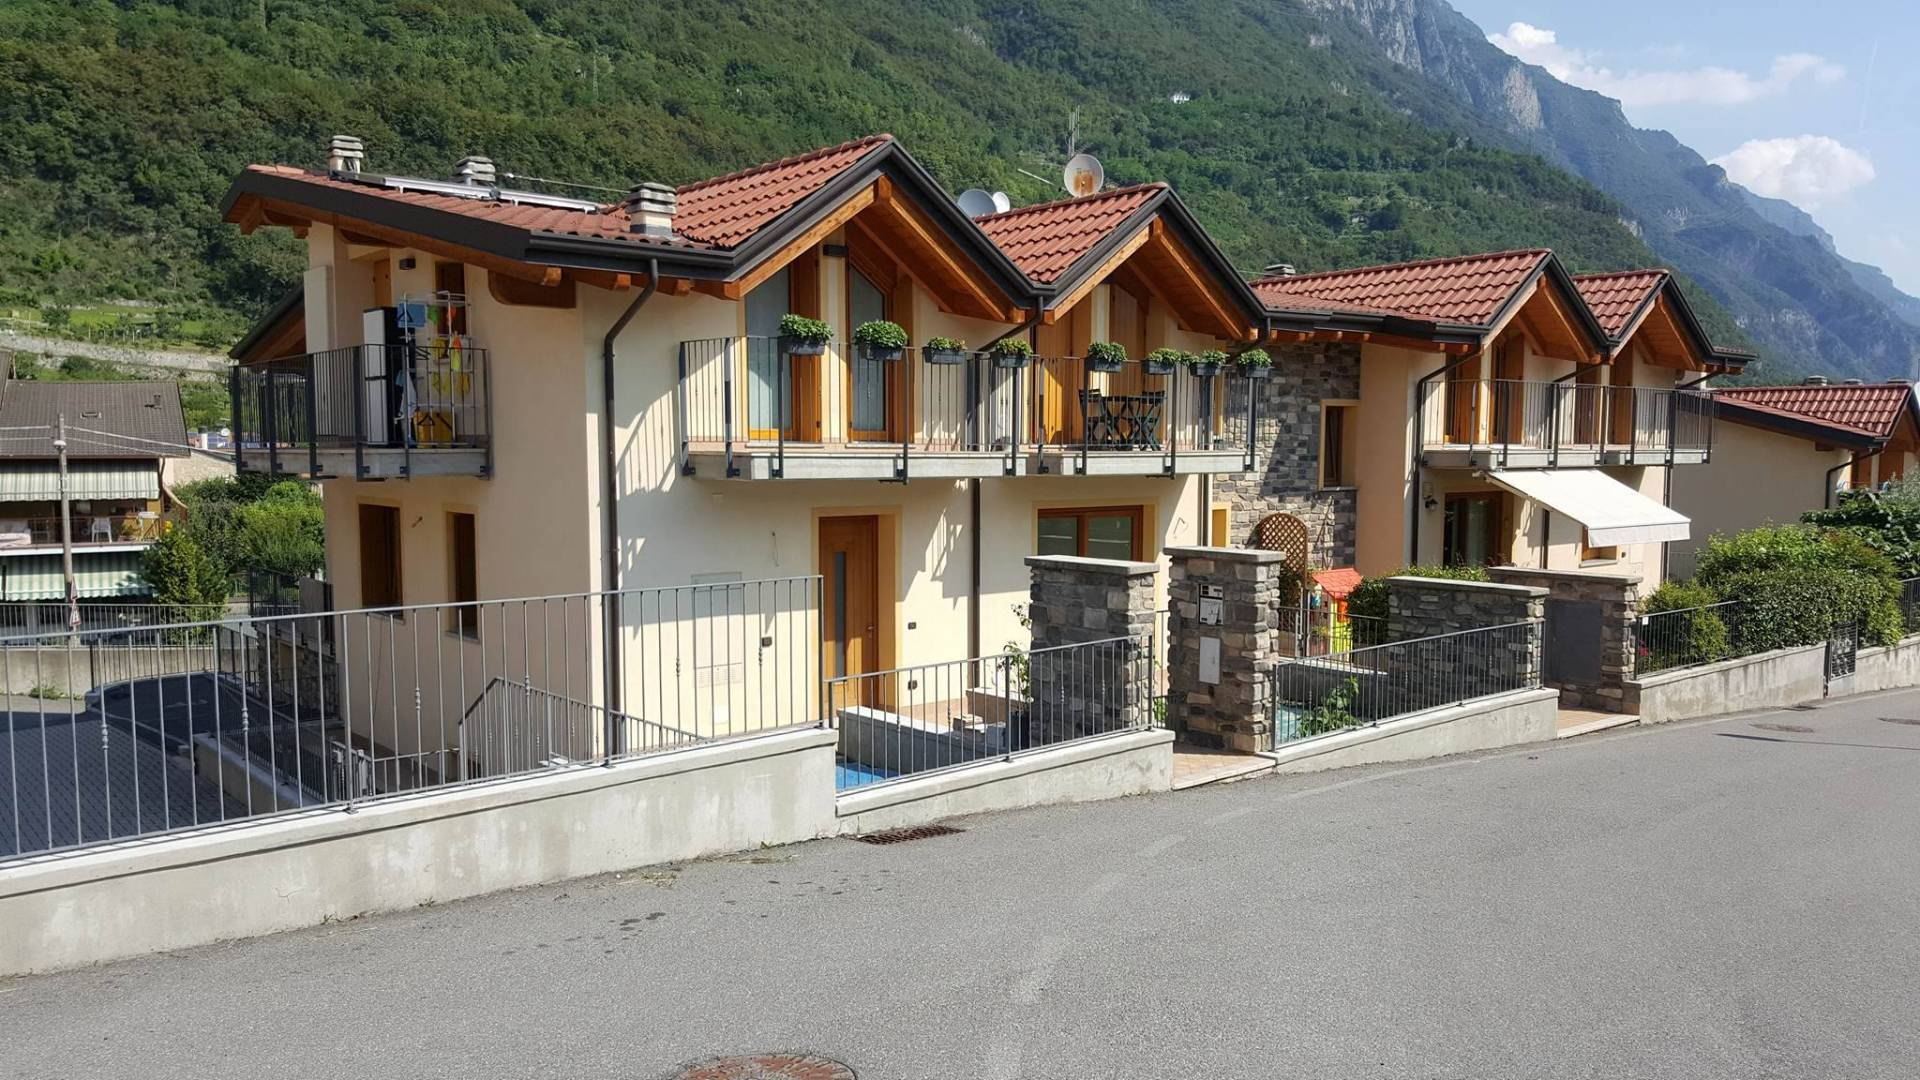 Appartamento in vendita a Darfo Boario Terme, 3 locali, prezzo € 130.000 | CambioCasa.it